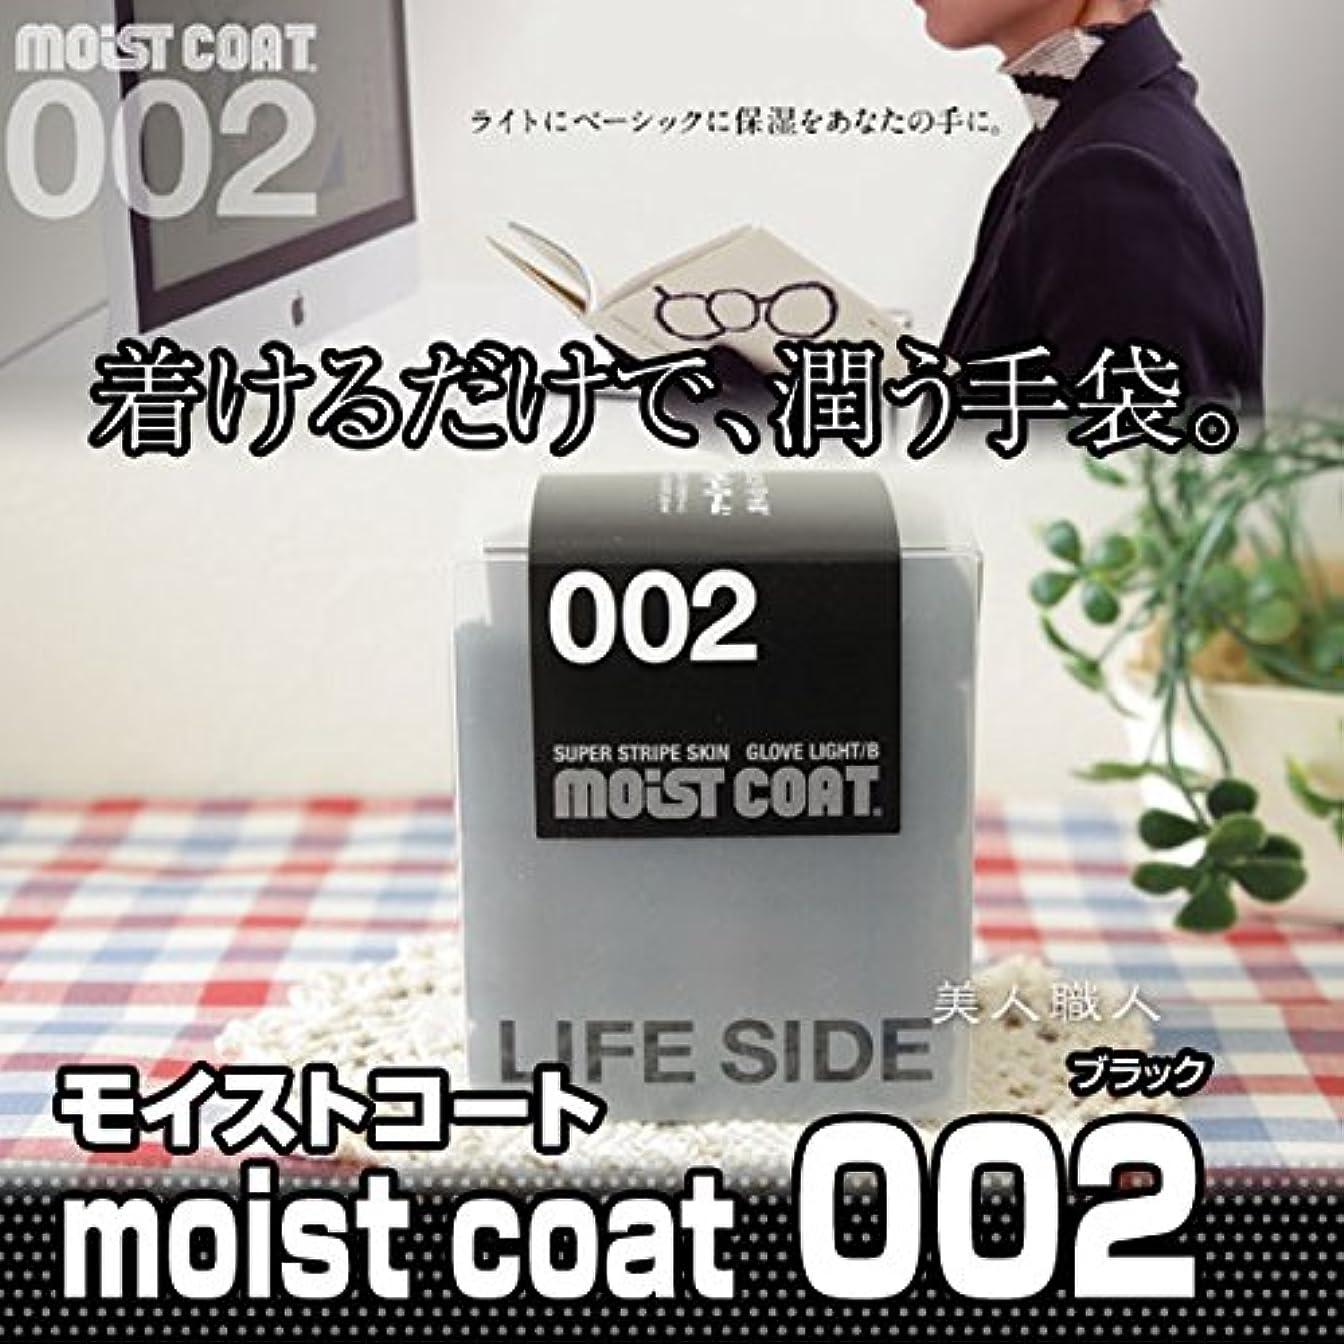 引き潮規則性とても多くのコラーゲン手袋 モイストコート002 ブラック